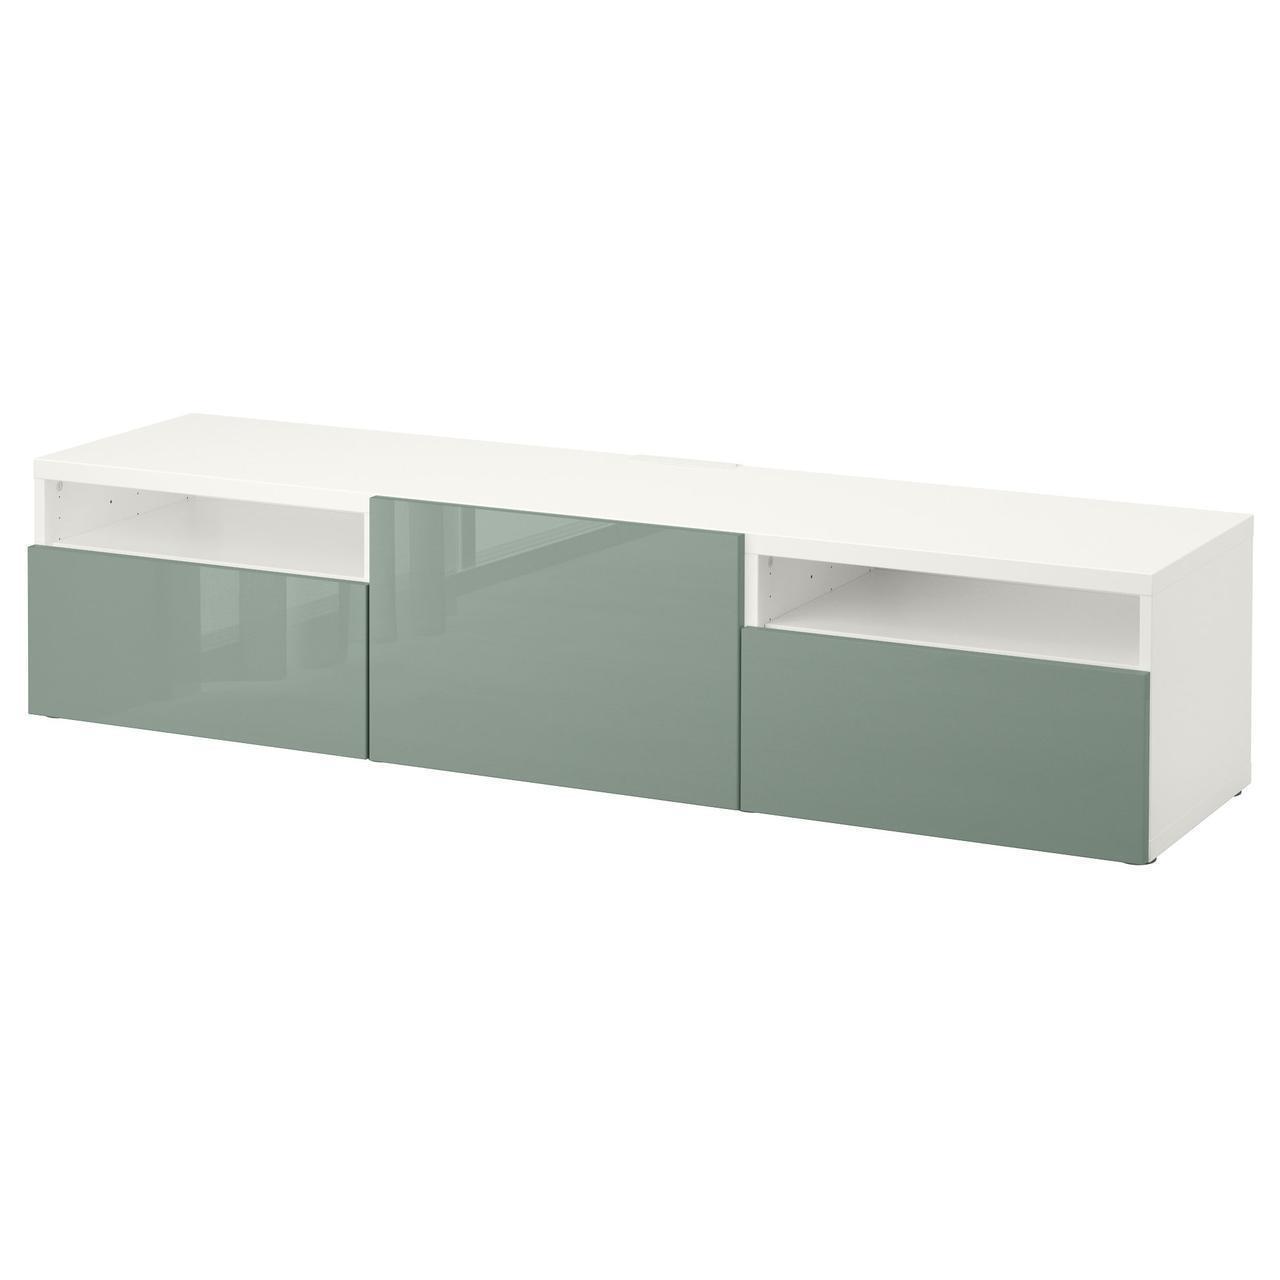 IKEA BESTA Тумба под телевизор с ящиками, белый, Сельсвикен (491.985.23)